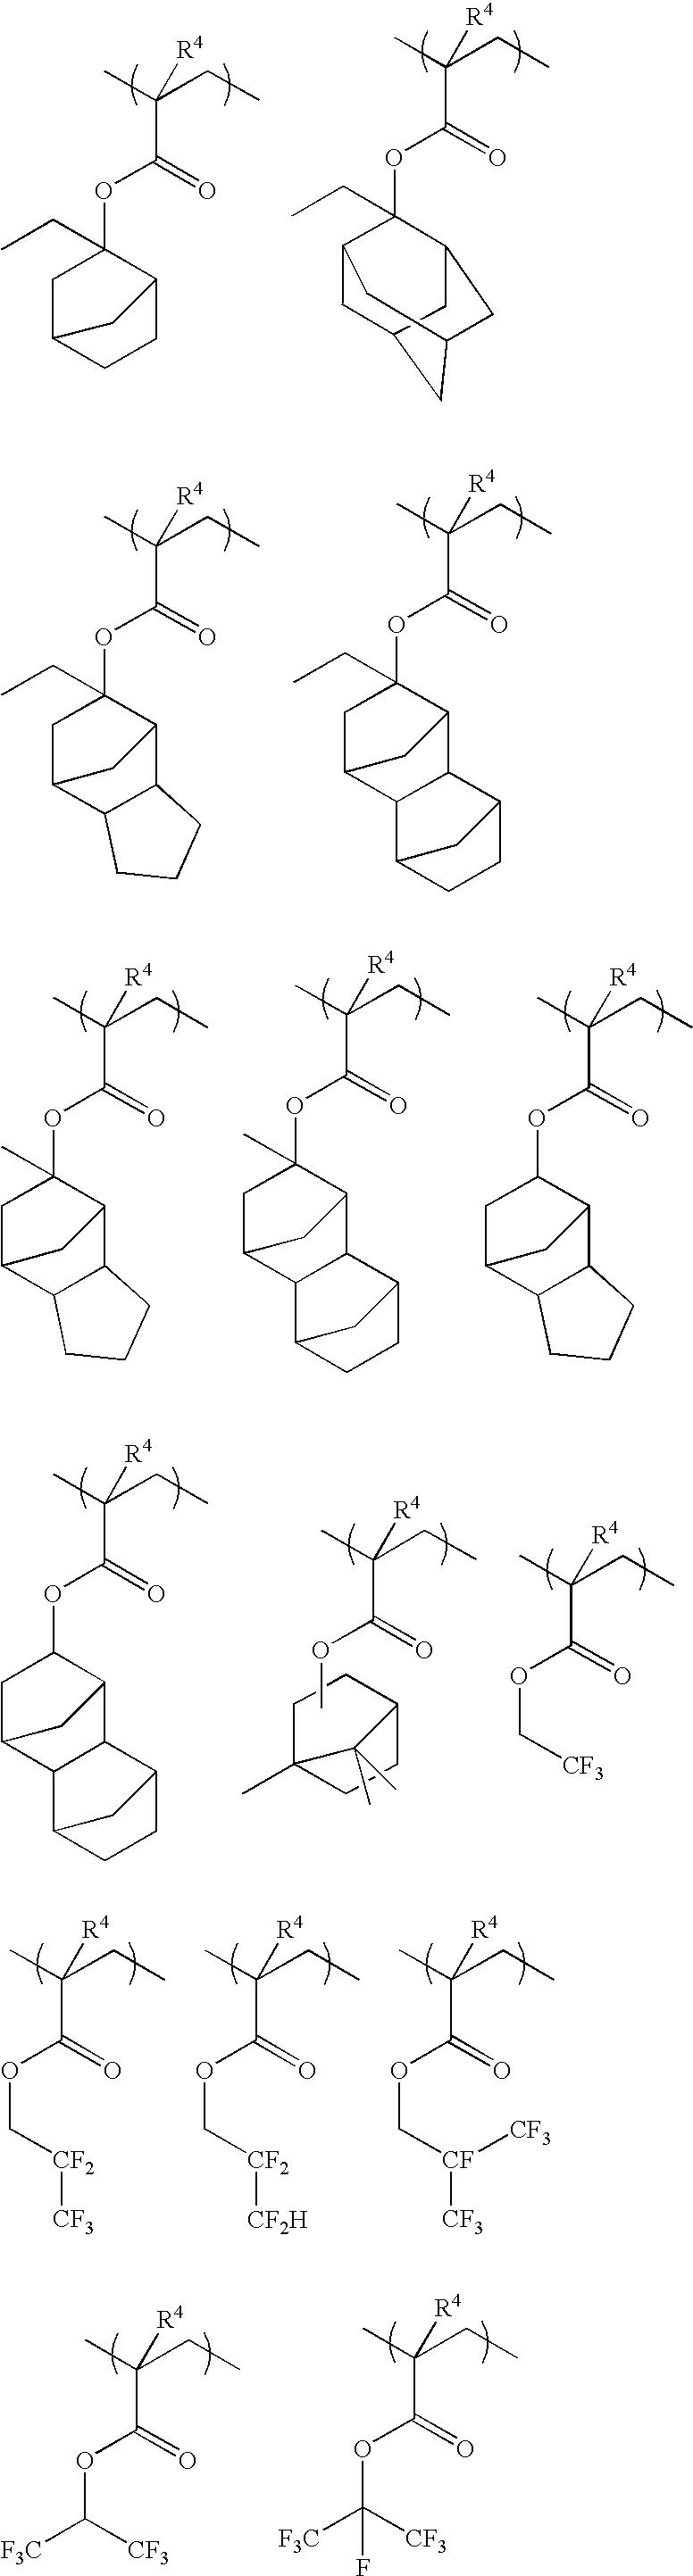 Figure US07771913-20100810-C00012